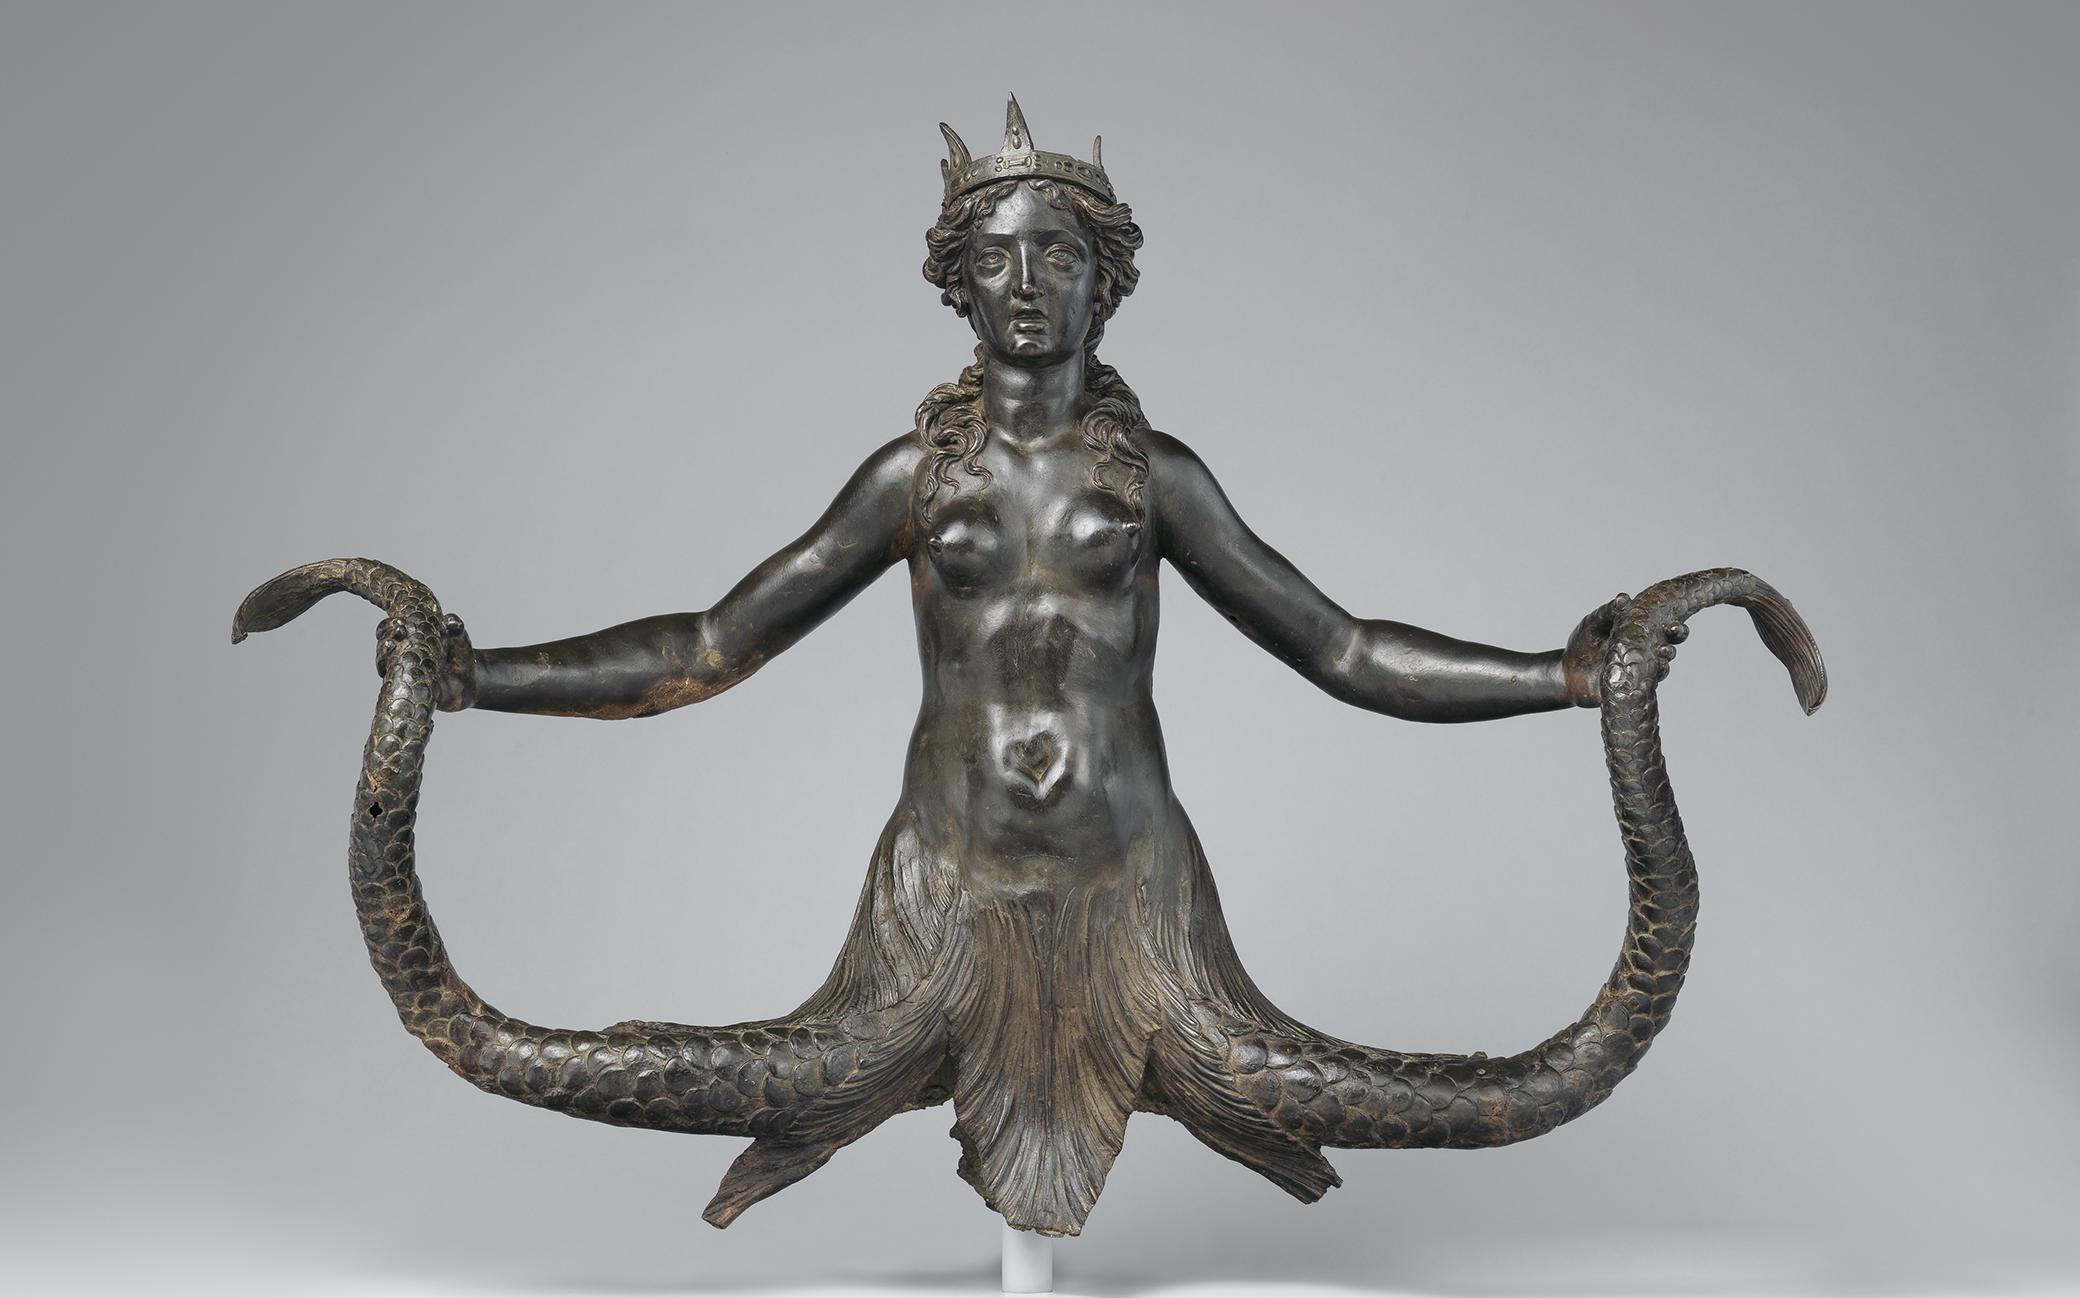 90's Porn Film Medusa Goddess white females from hell | lapham's quarterly